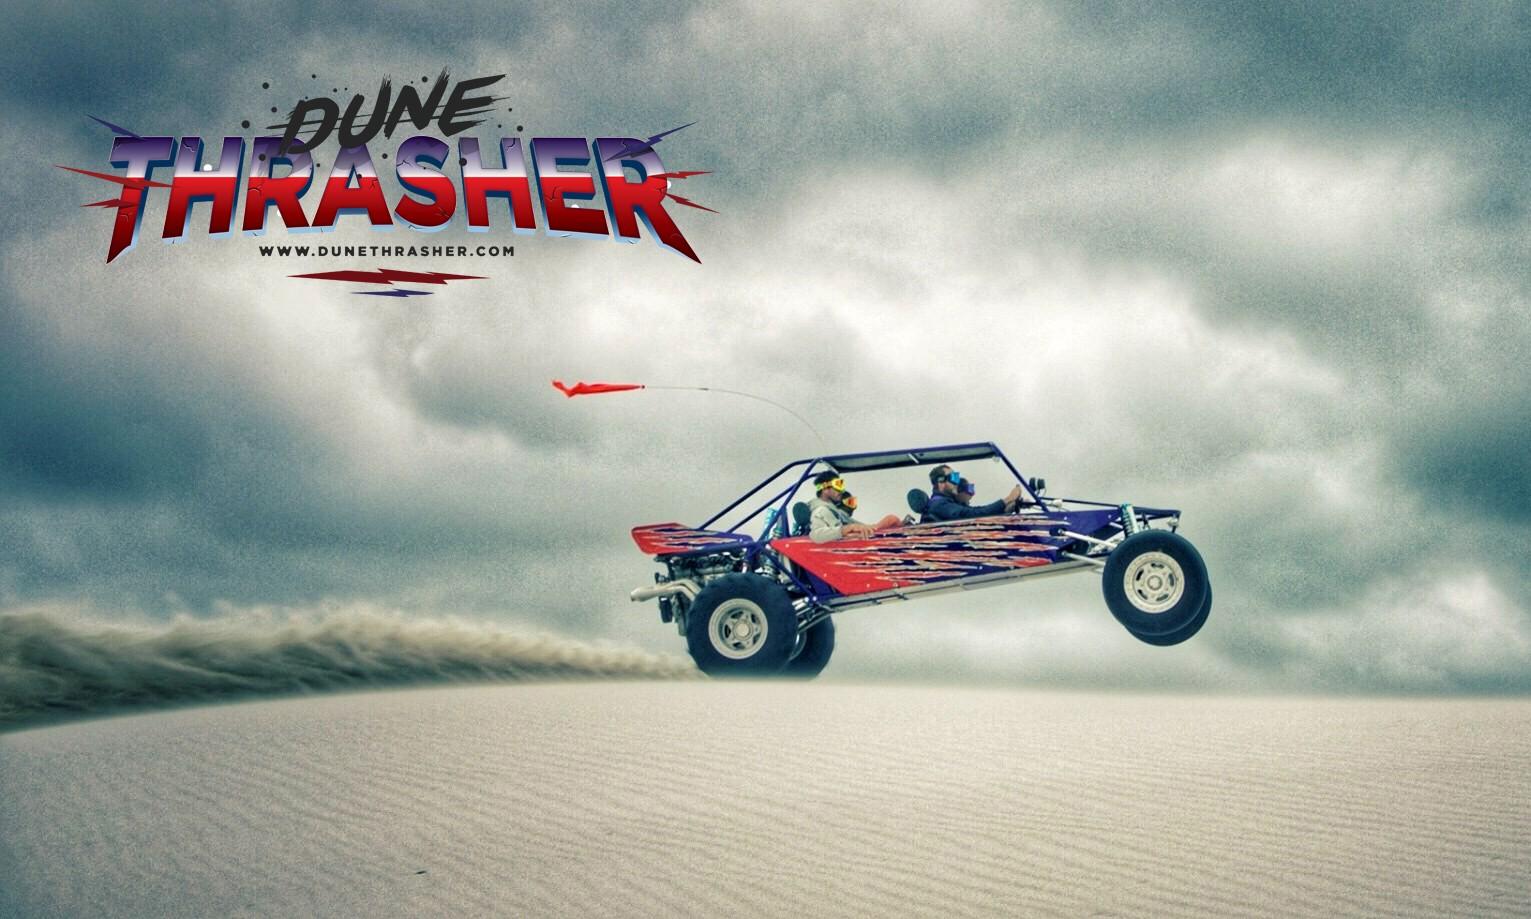 Dune Thrasher 2